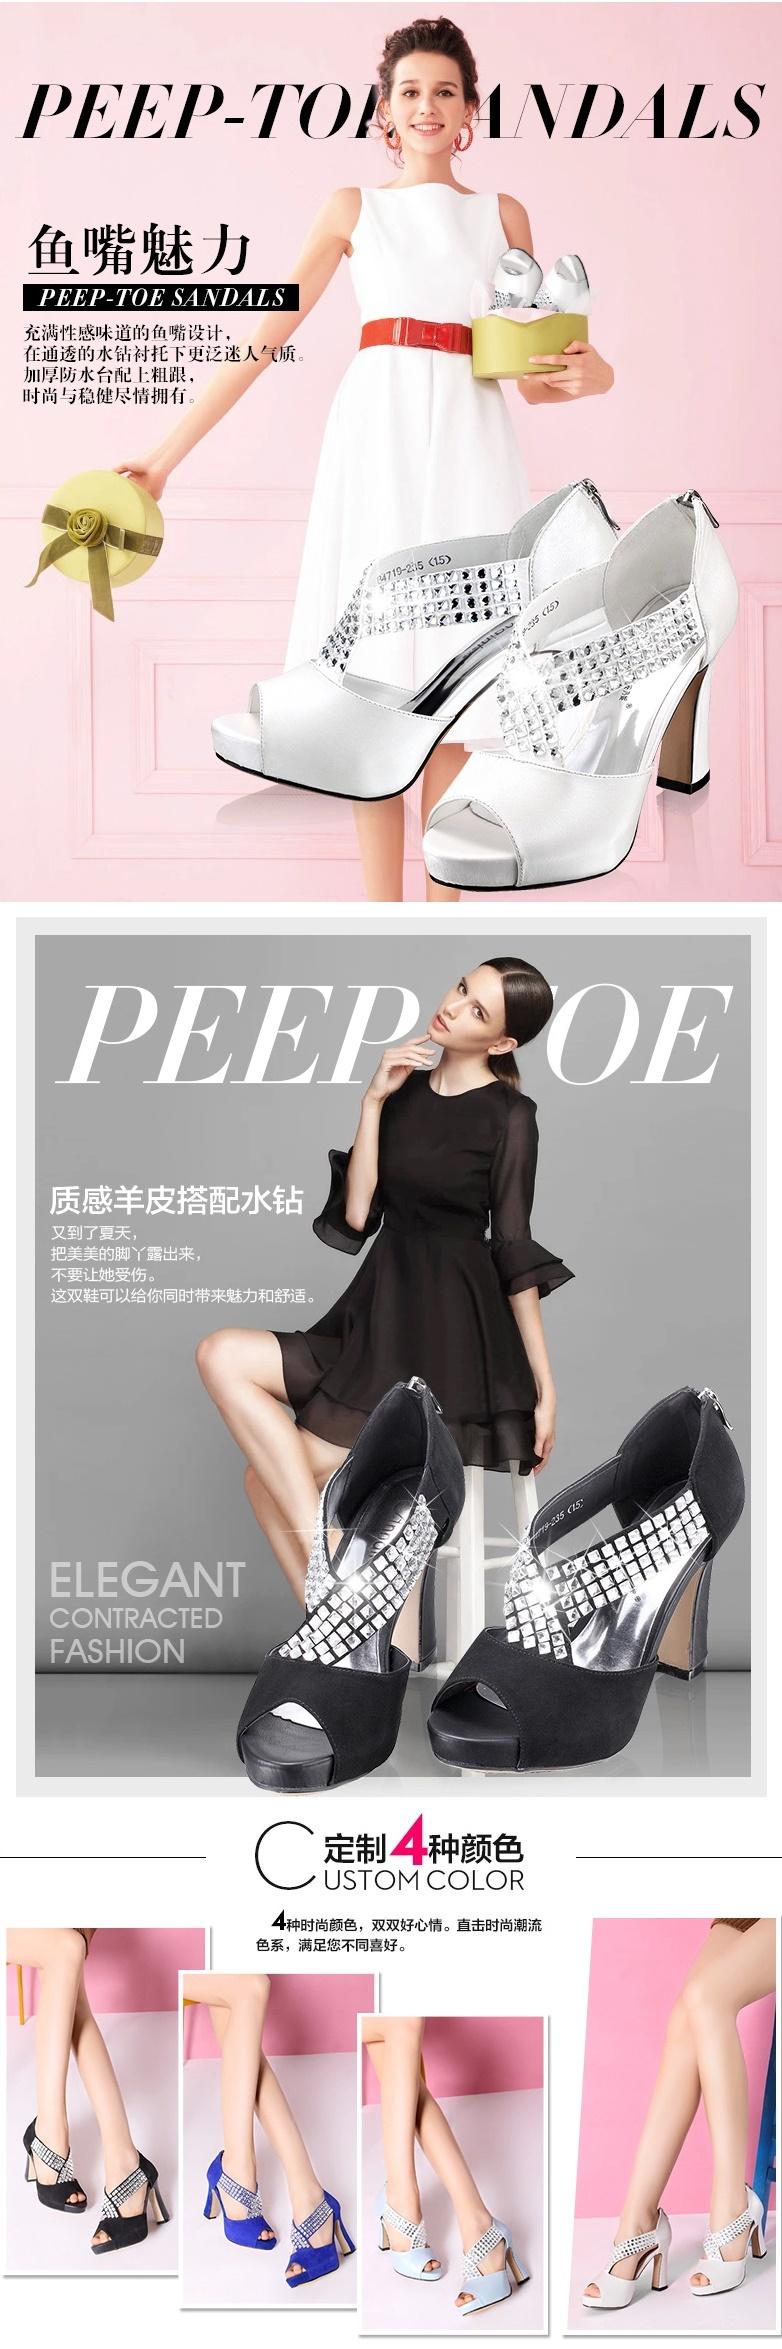 淘宝女鞋详情页设计